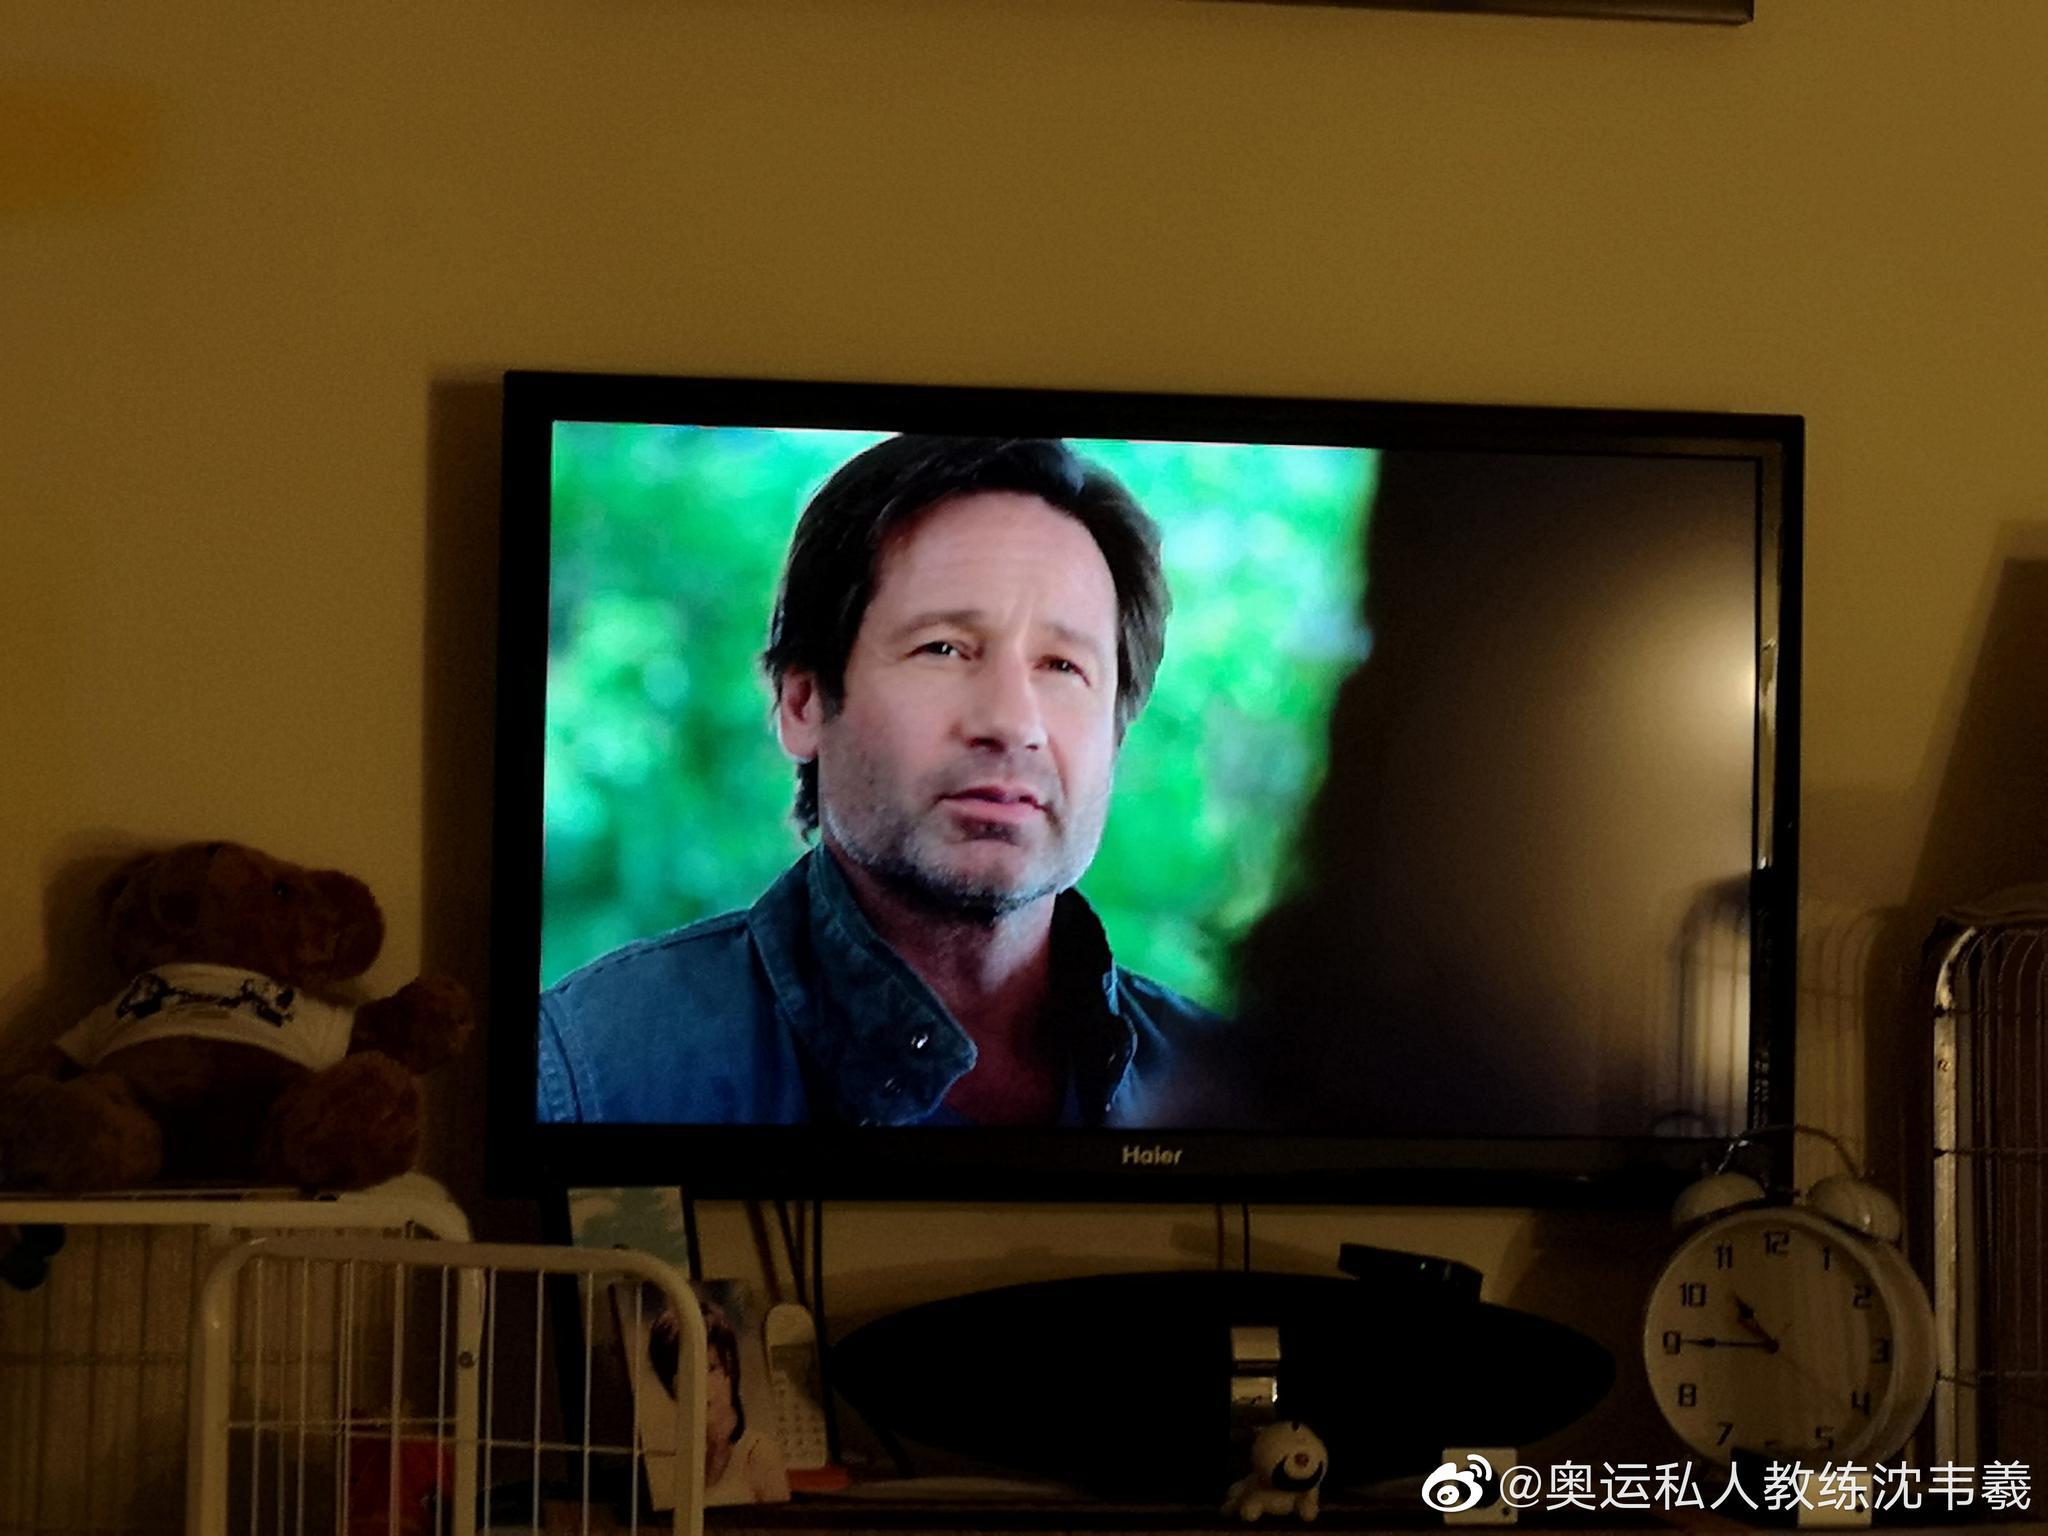 新一季的《x档案》,我有之前几季的DVD……好遥远的记忆!